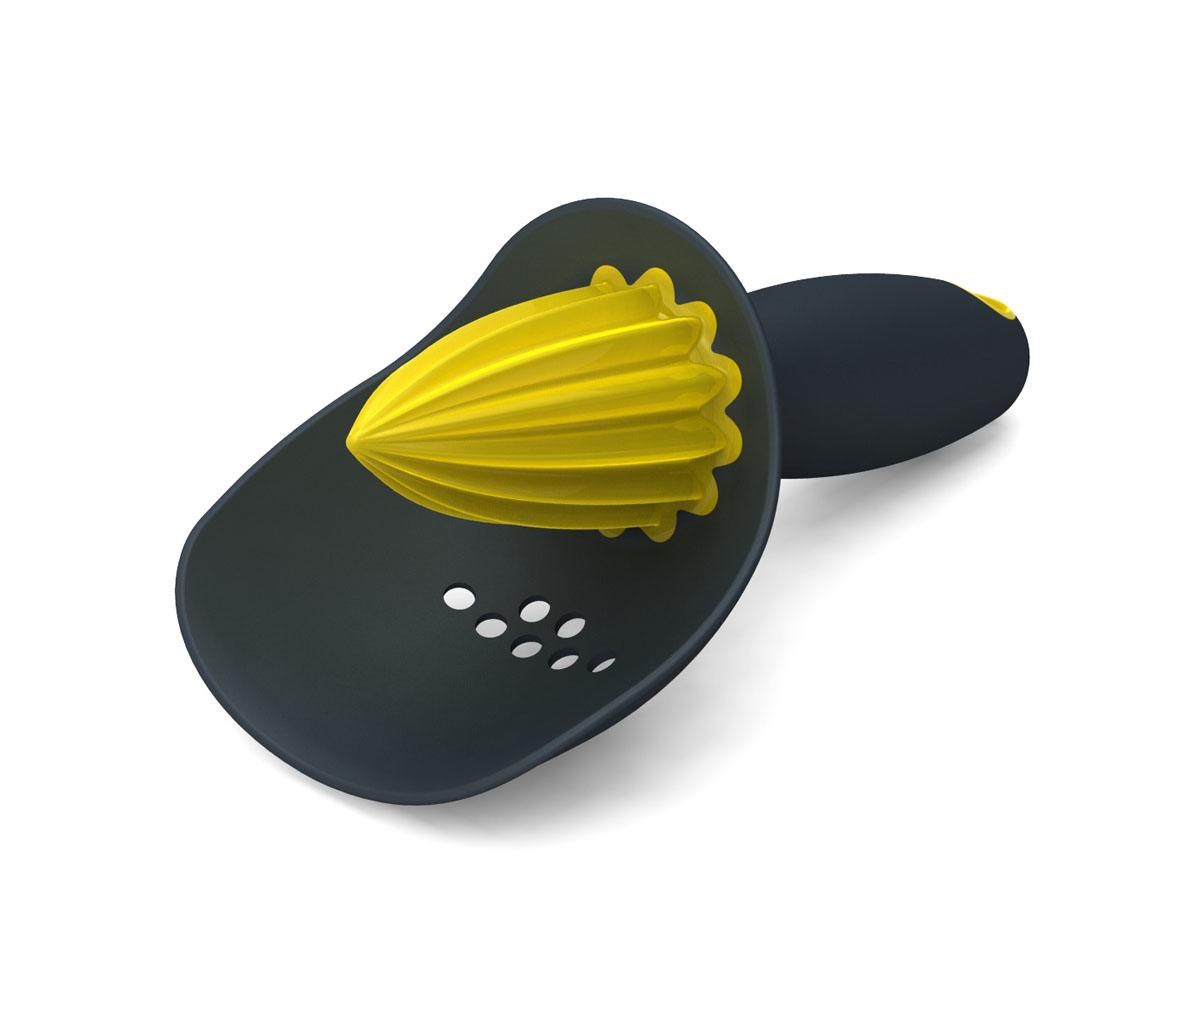 Соковыжималка для цитрусовых Joseph Joseph Catcher, цвет: серый, желтый, 8,5 х 6,8 х 16,6 см68/5/4Соковыжималка с ситом Joseph Joseph Catcher специально предназначена для лимонов, лаймов и апельсинов. Изделие выполнено из пластика. Специальная вставка из резины с отверстиями задерживает косточки и мякоть, пропуская в стакан только сок. Удобная прорезиненная рукоятка обеспечивает комфорт во время использования. Соковыжималка для цитрусовых поможет вам всегда иметь в стакане только свежий сок. Можно мыть в посудомоечной машине.